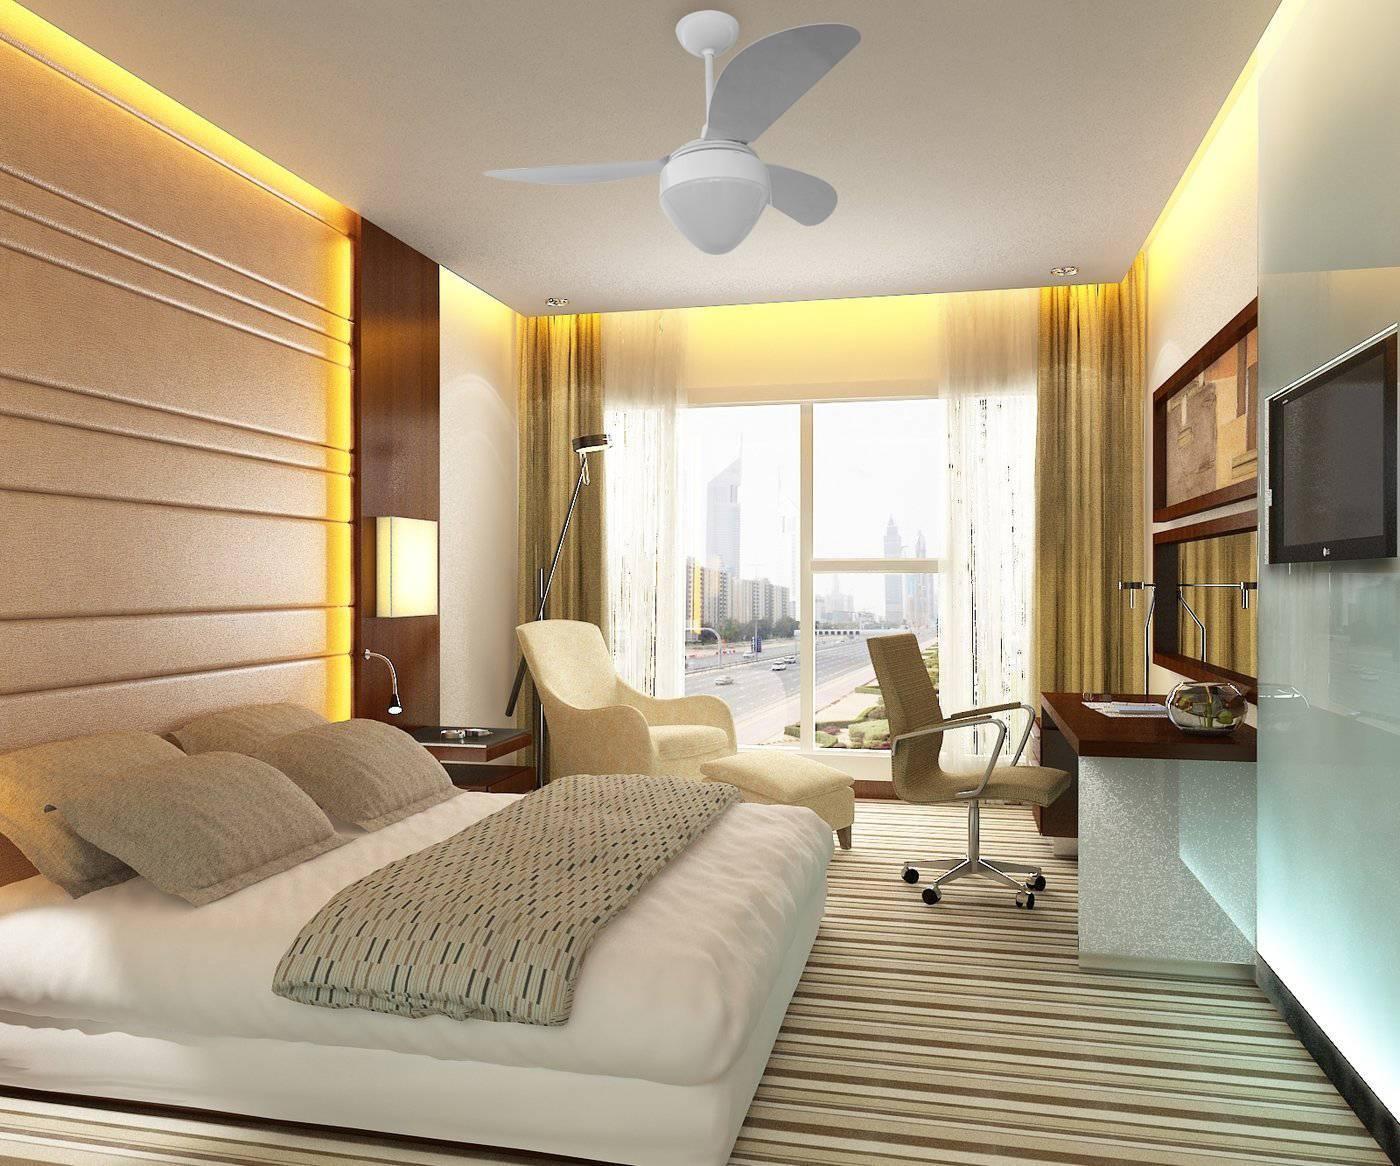 Ventilador De Teto Gale Branco Para 2 Lâmpadas Luxo Ponente - LCGELETRO